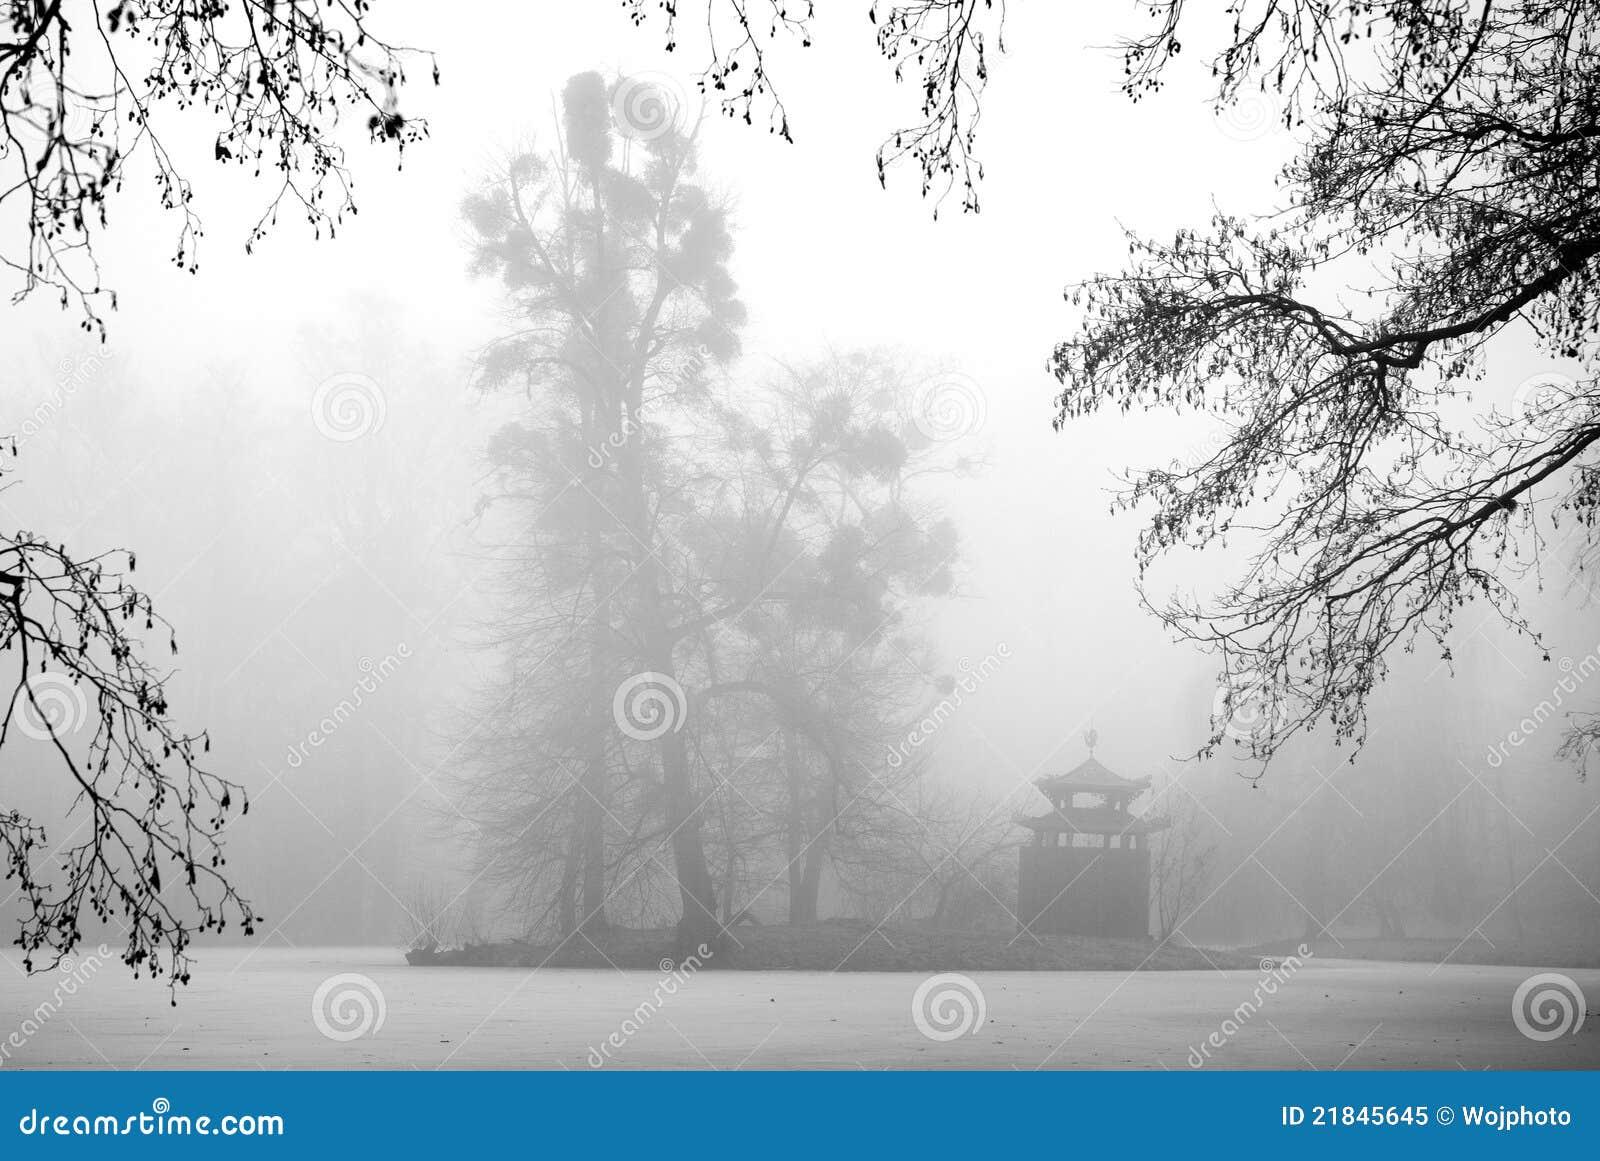 Bäume und Dorn im Nebel